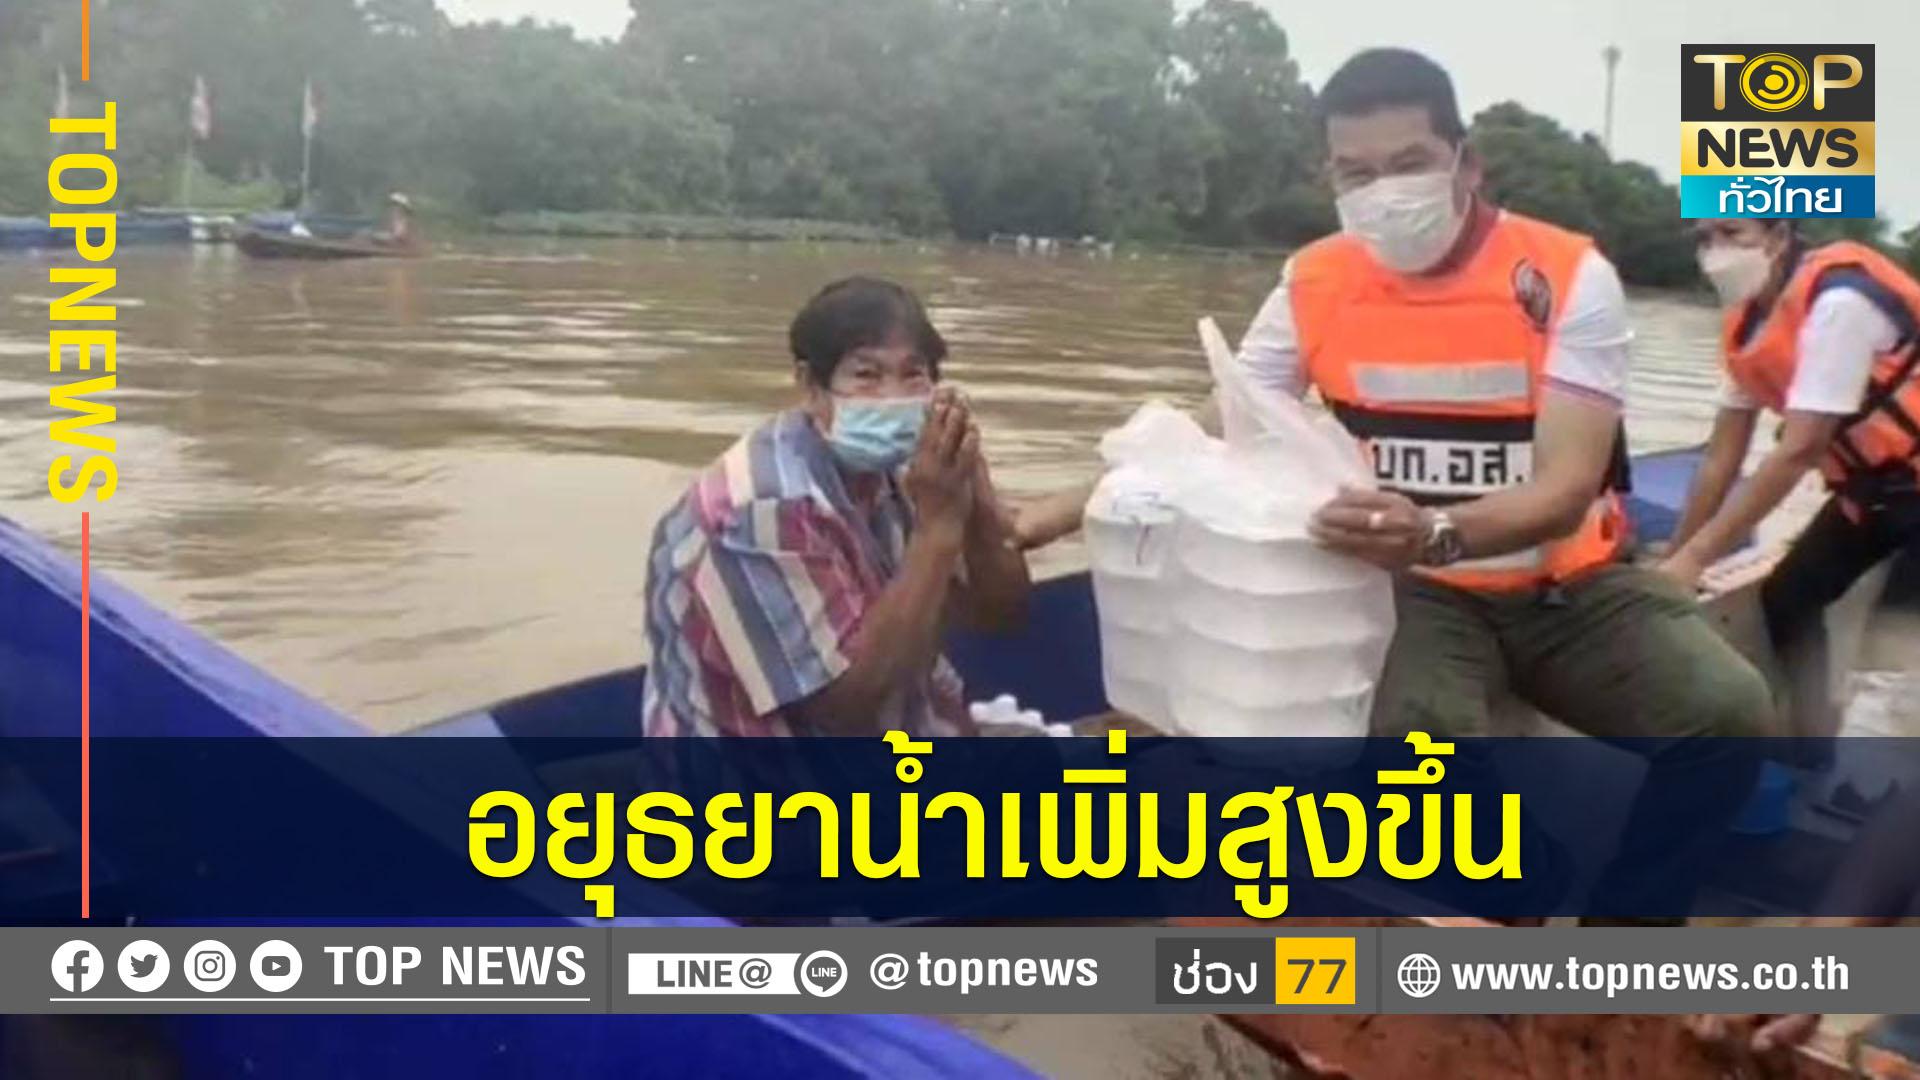 """พิษ """"เตี้ยนหมู่"""" ทำฝนตกชุกทั้งวัน  อยุธยาน้ำเพิ่มสูงขึ้น ชาวท่าดินแดงยกของขึ้นที่สูง กิ่งกาชาดผักไห่ ลงเรือแจกข้าวกล่อง ชาวบ้านริมแม่น้ำน้อย 1,700 กล่อง"""